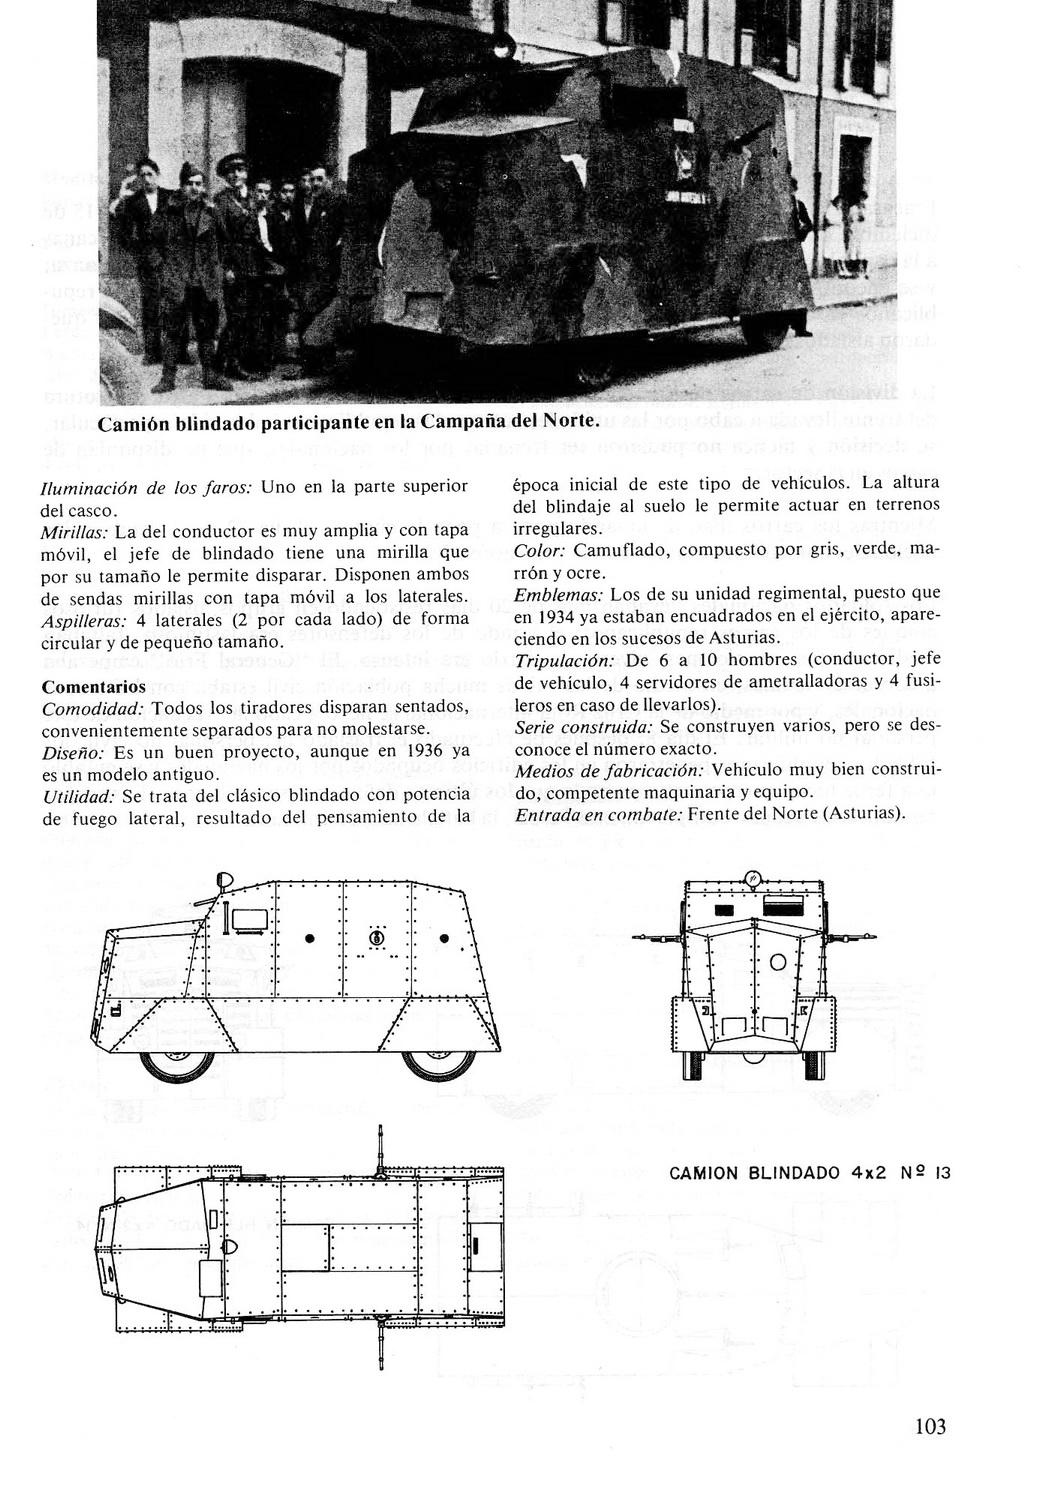 Carros De Combate Y Vehiculos Blindados De La Guerra 1936 1939 [F.C.Albert 1980]_Страница_101.jpg